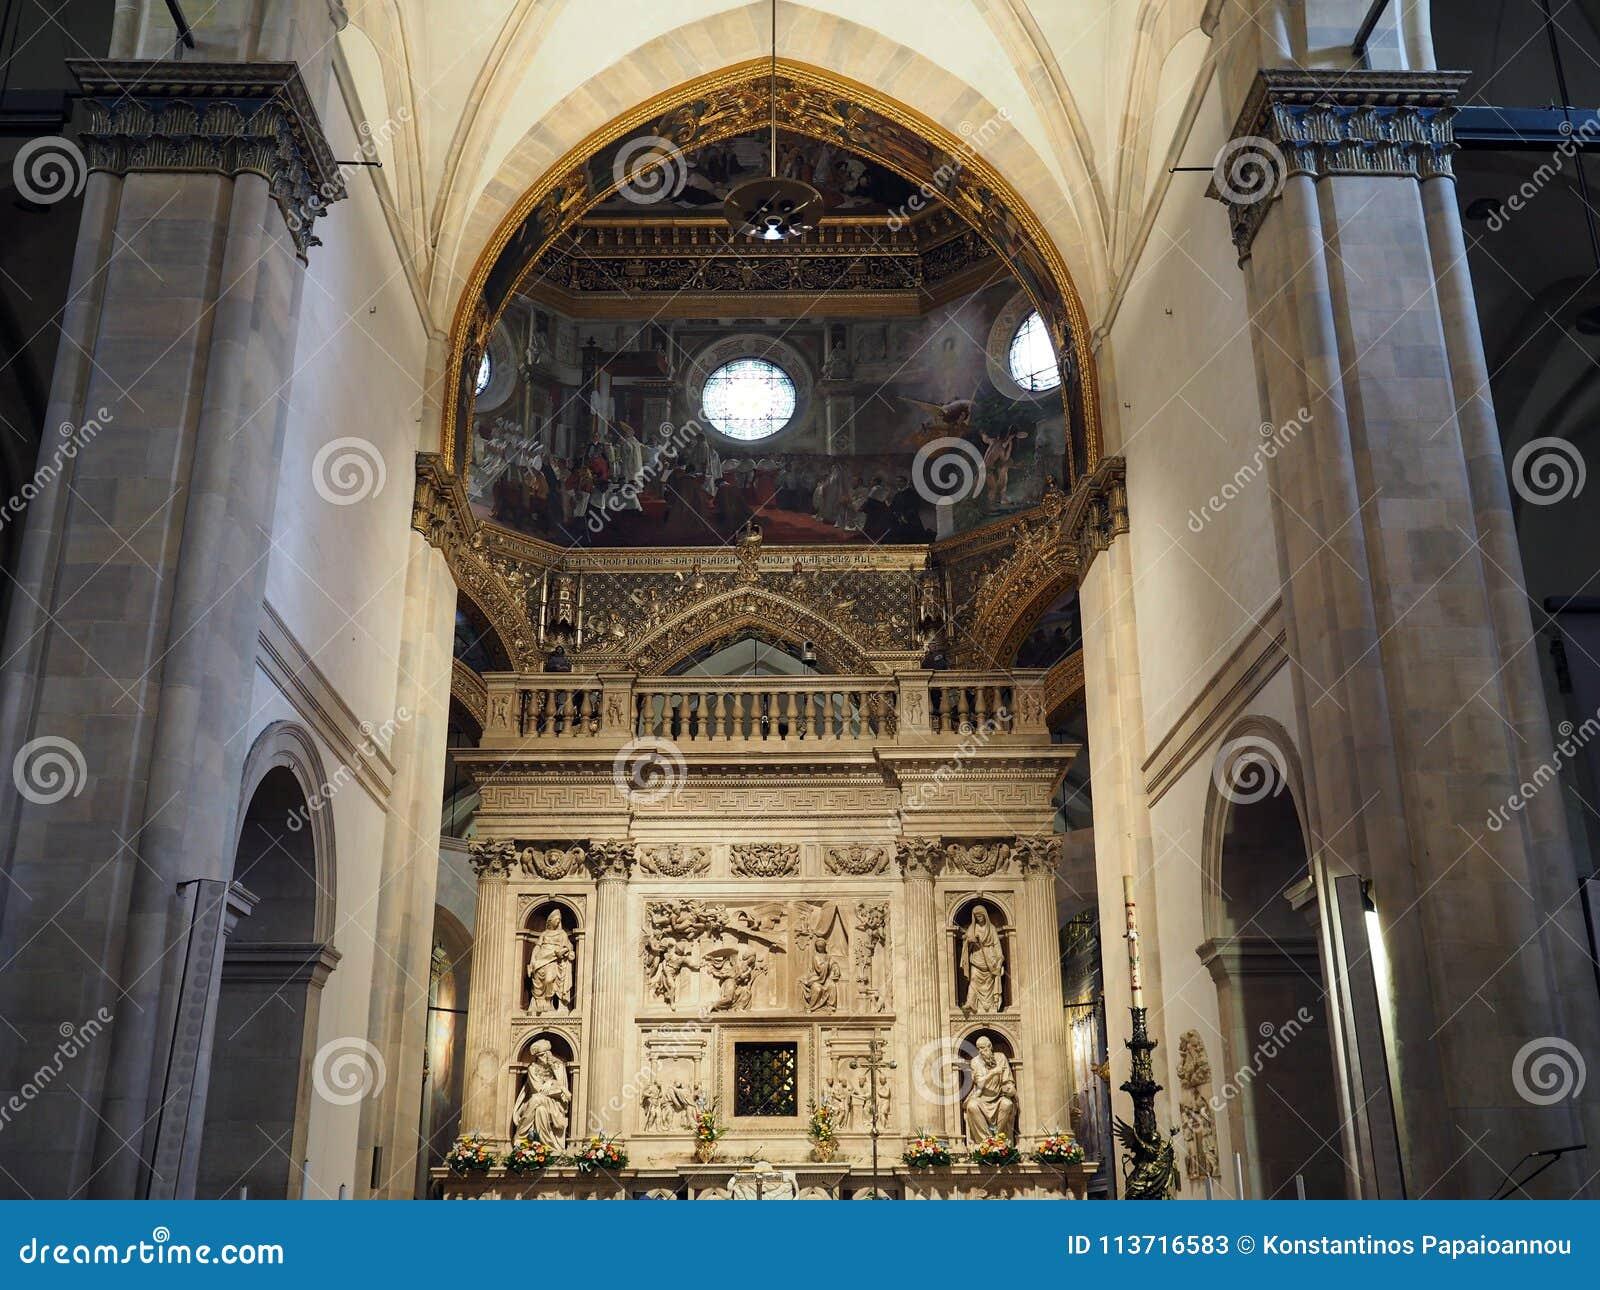 La basílica del santuario de la casa santa de Loreto en el AIE